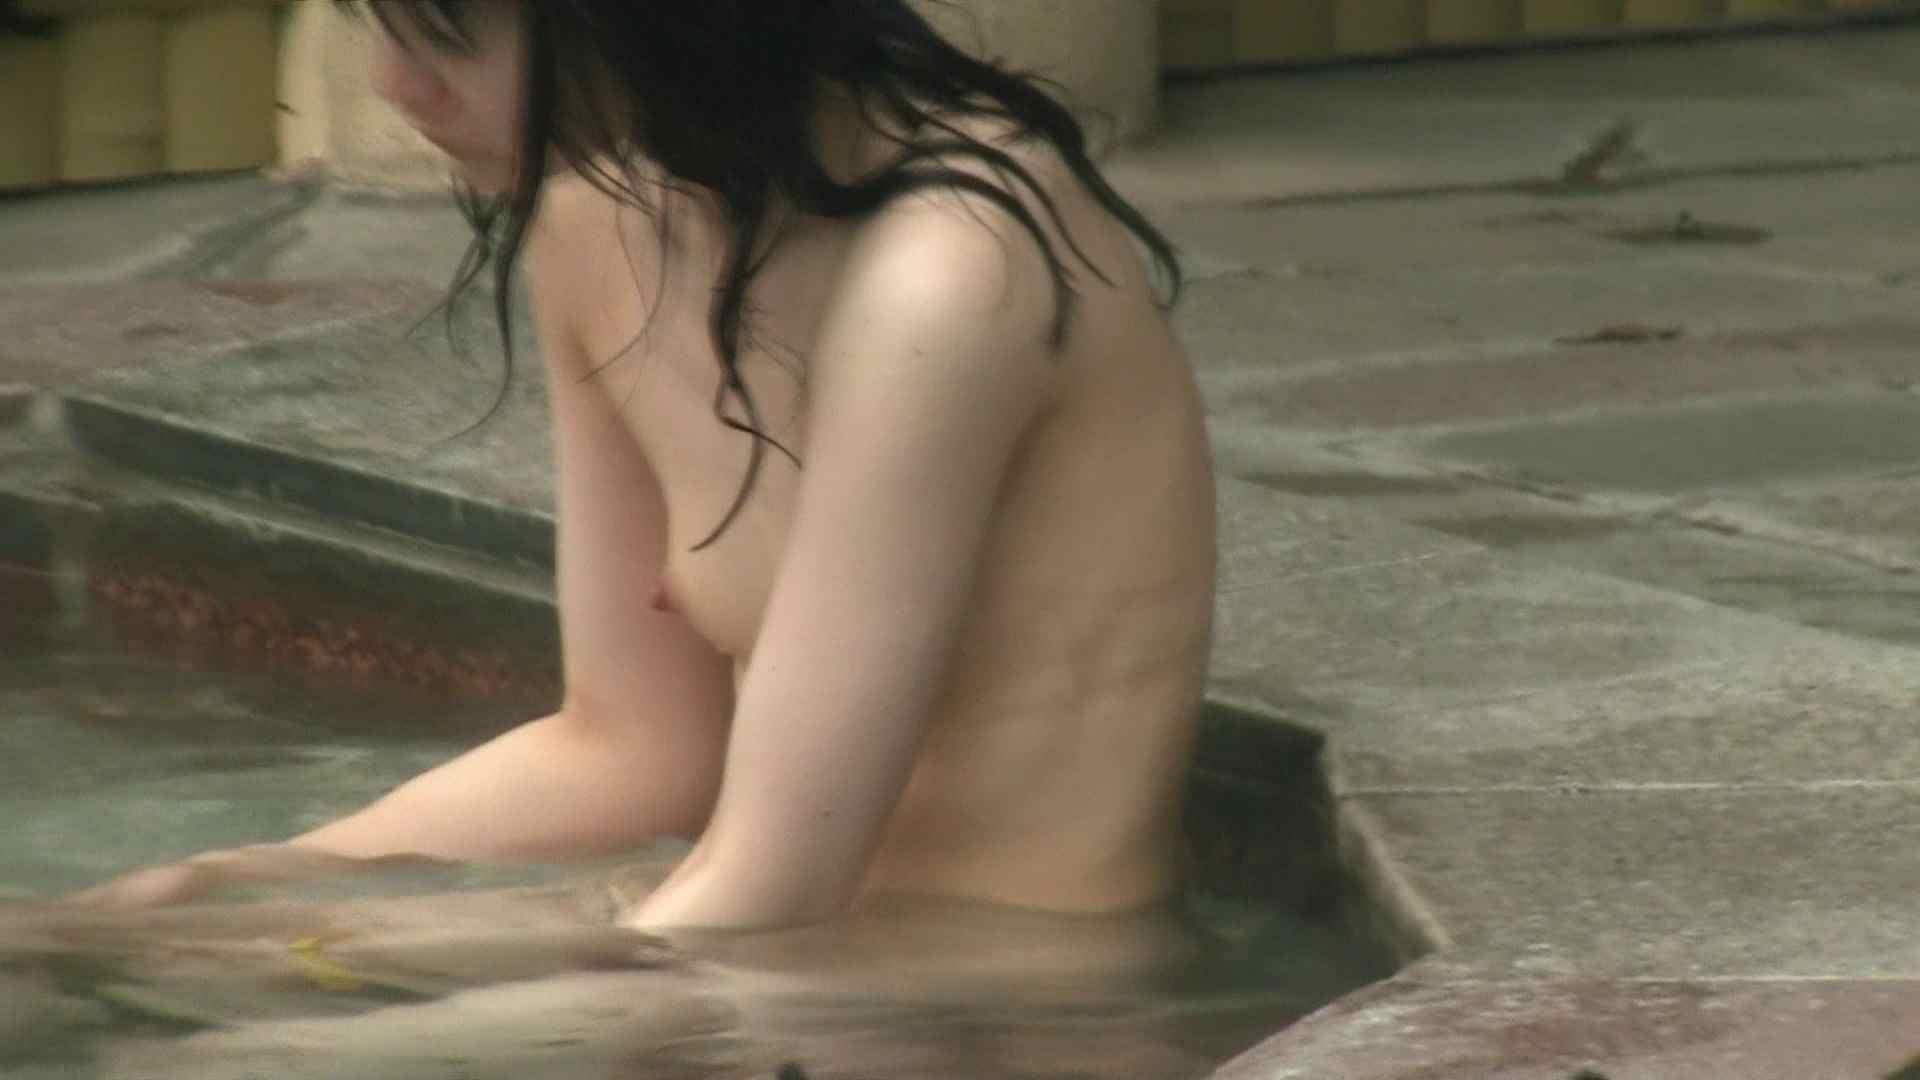 Aquaな露天風呂Vol.14【VIP】 盗撮シリーズ  94PIX 88